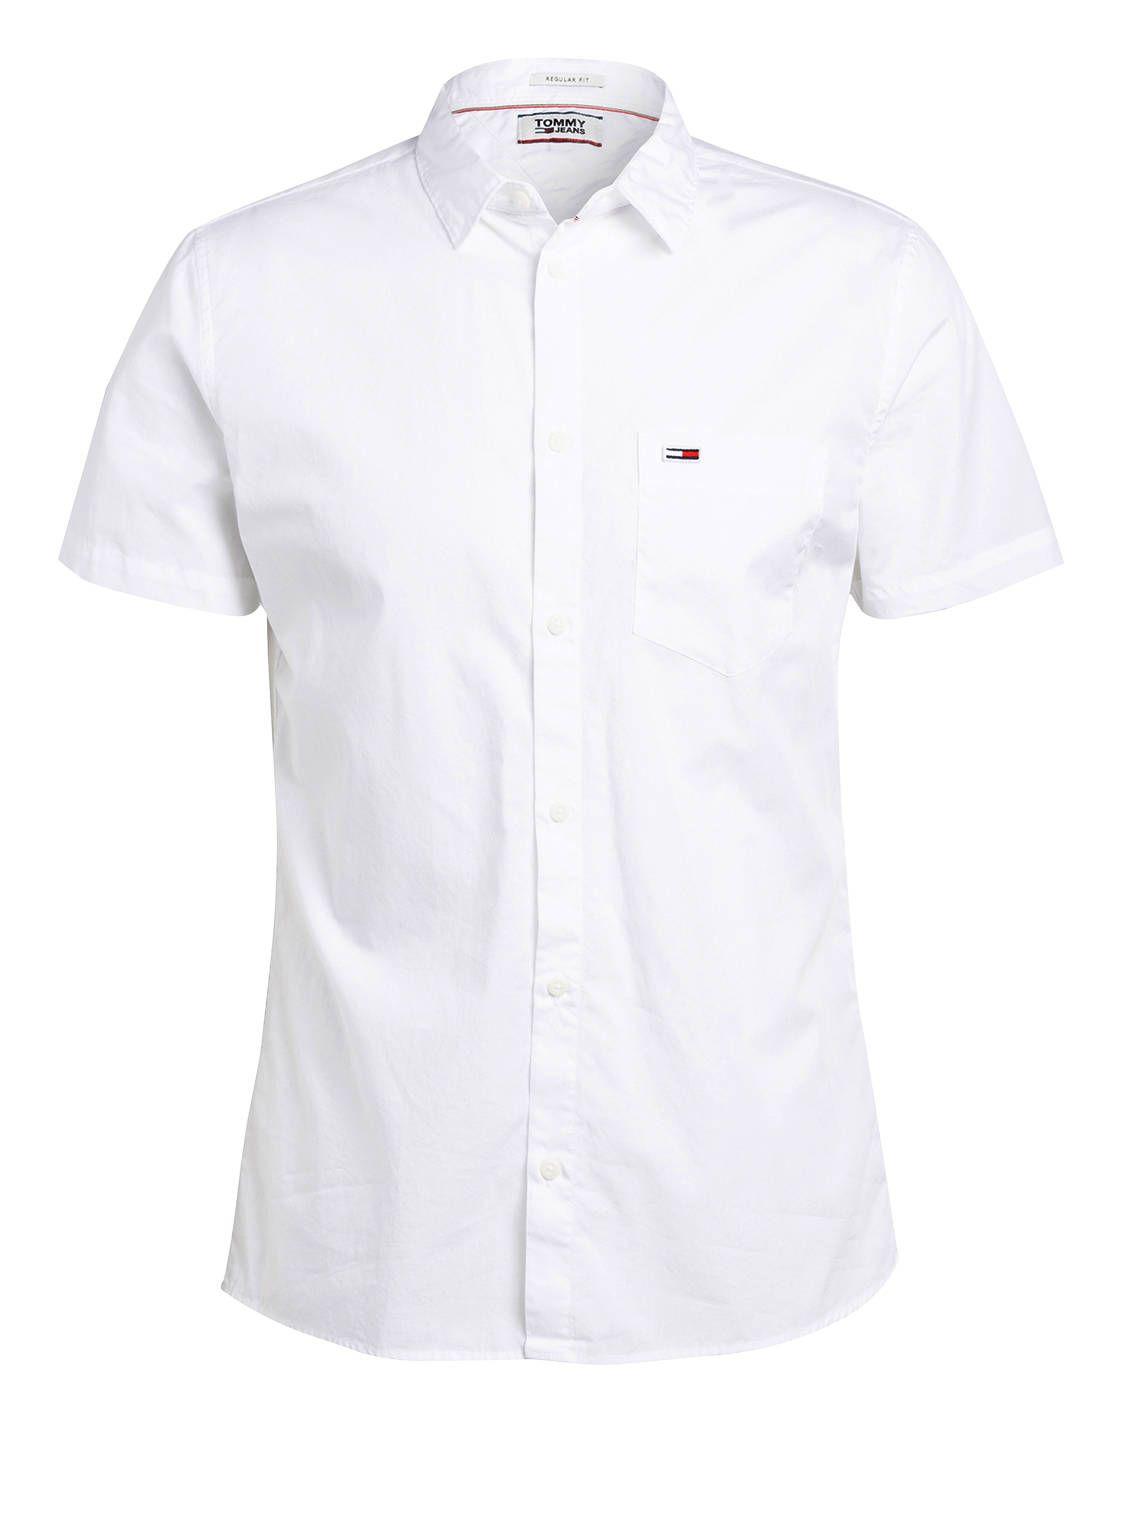 Halbarm-Hemd Regular Fit  von TOMMY JEANS bei Breuninger kaufen